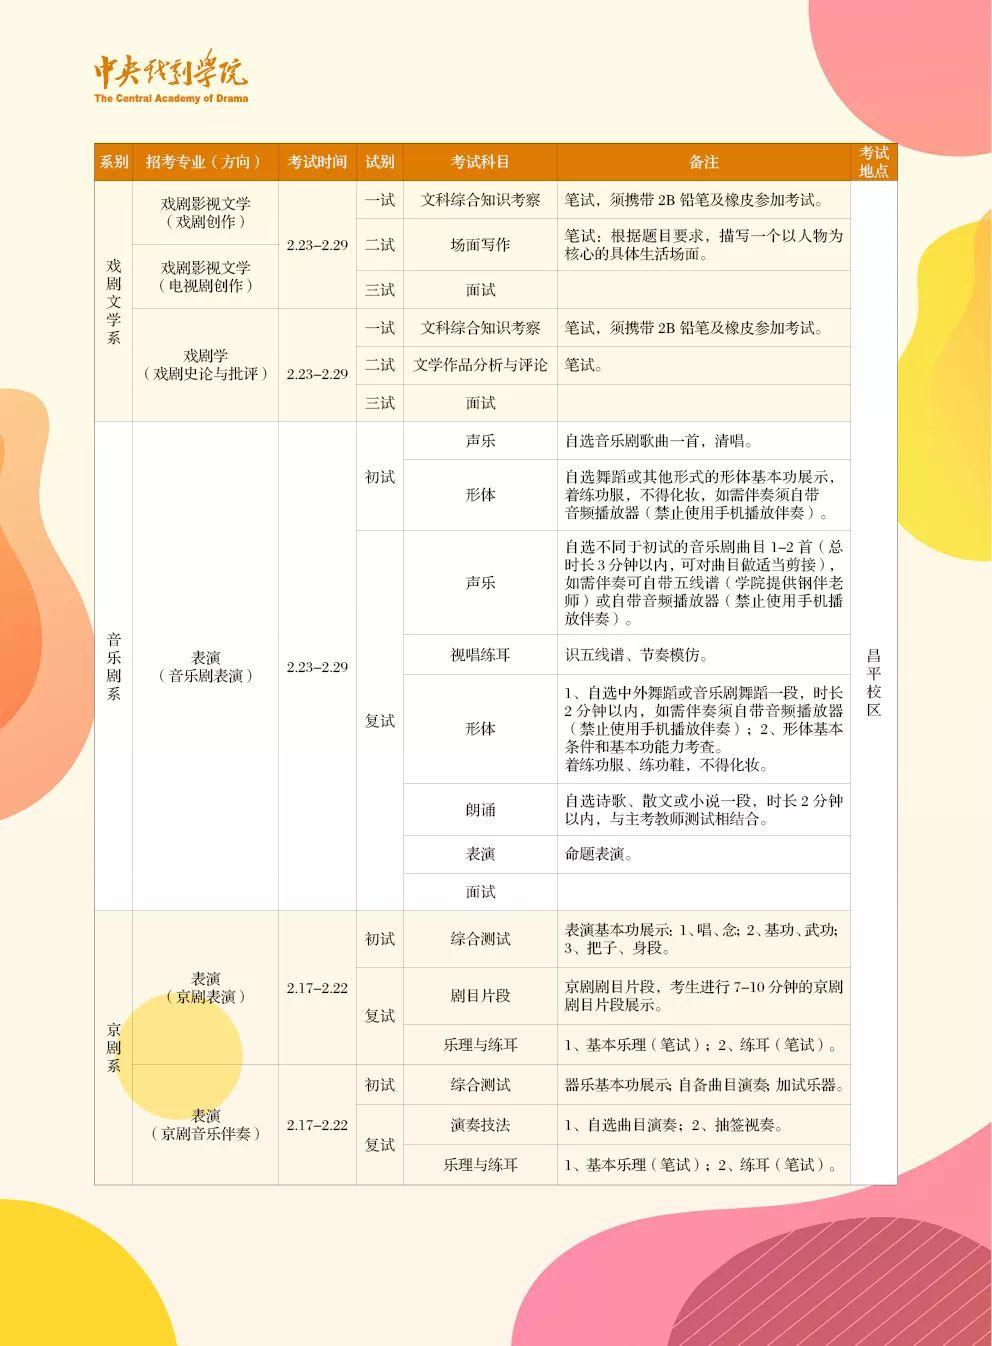 中国传媒大学,北京电影学院,中央戏剧学院,北京巅峰广艺画室       43